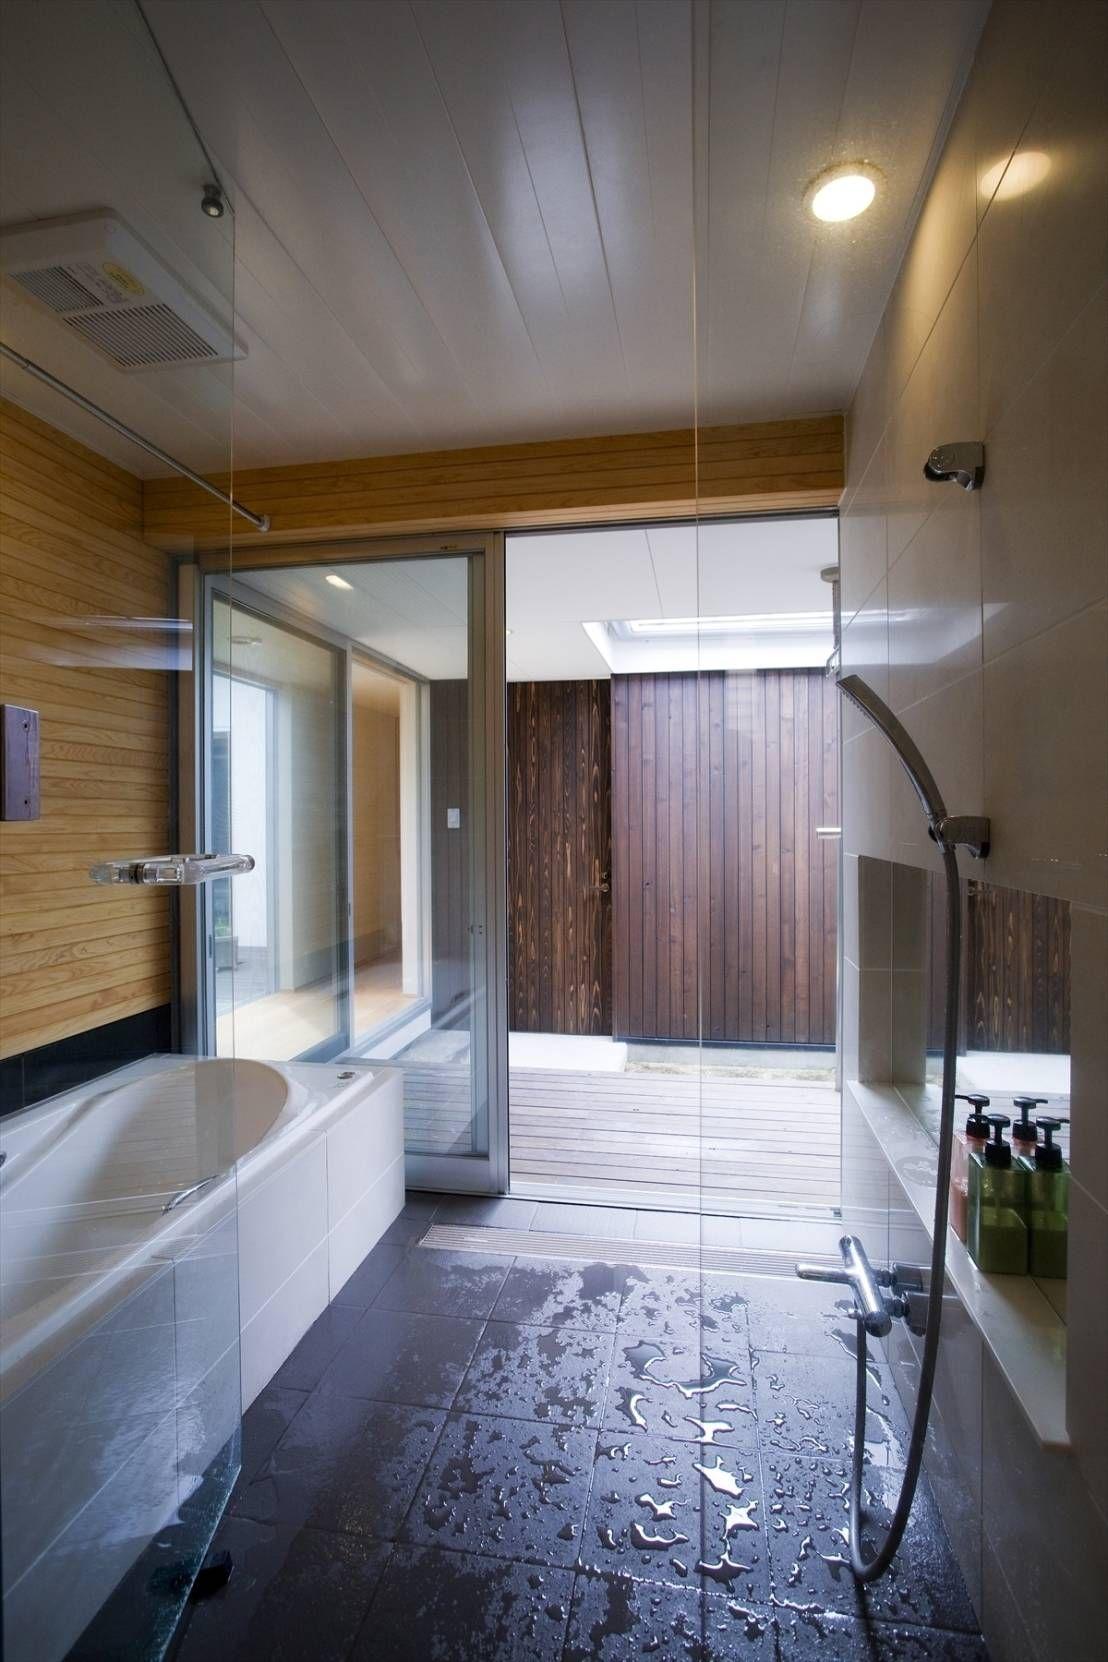 3つの中庭のある平屋住宅 浴室 造作 中庭のある平屋 ホームウェア